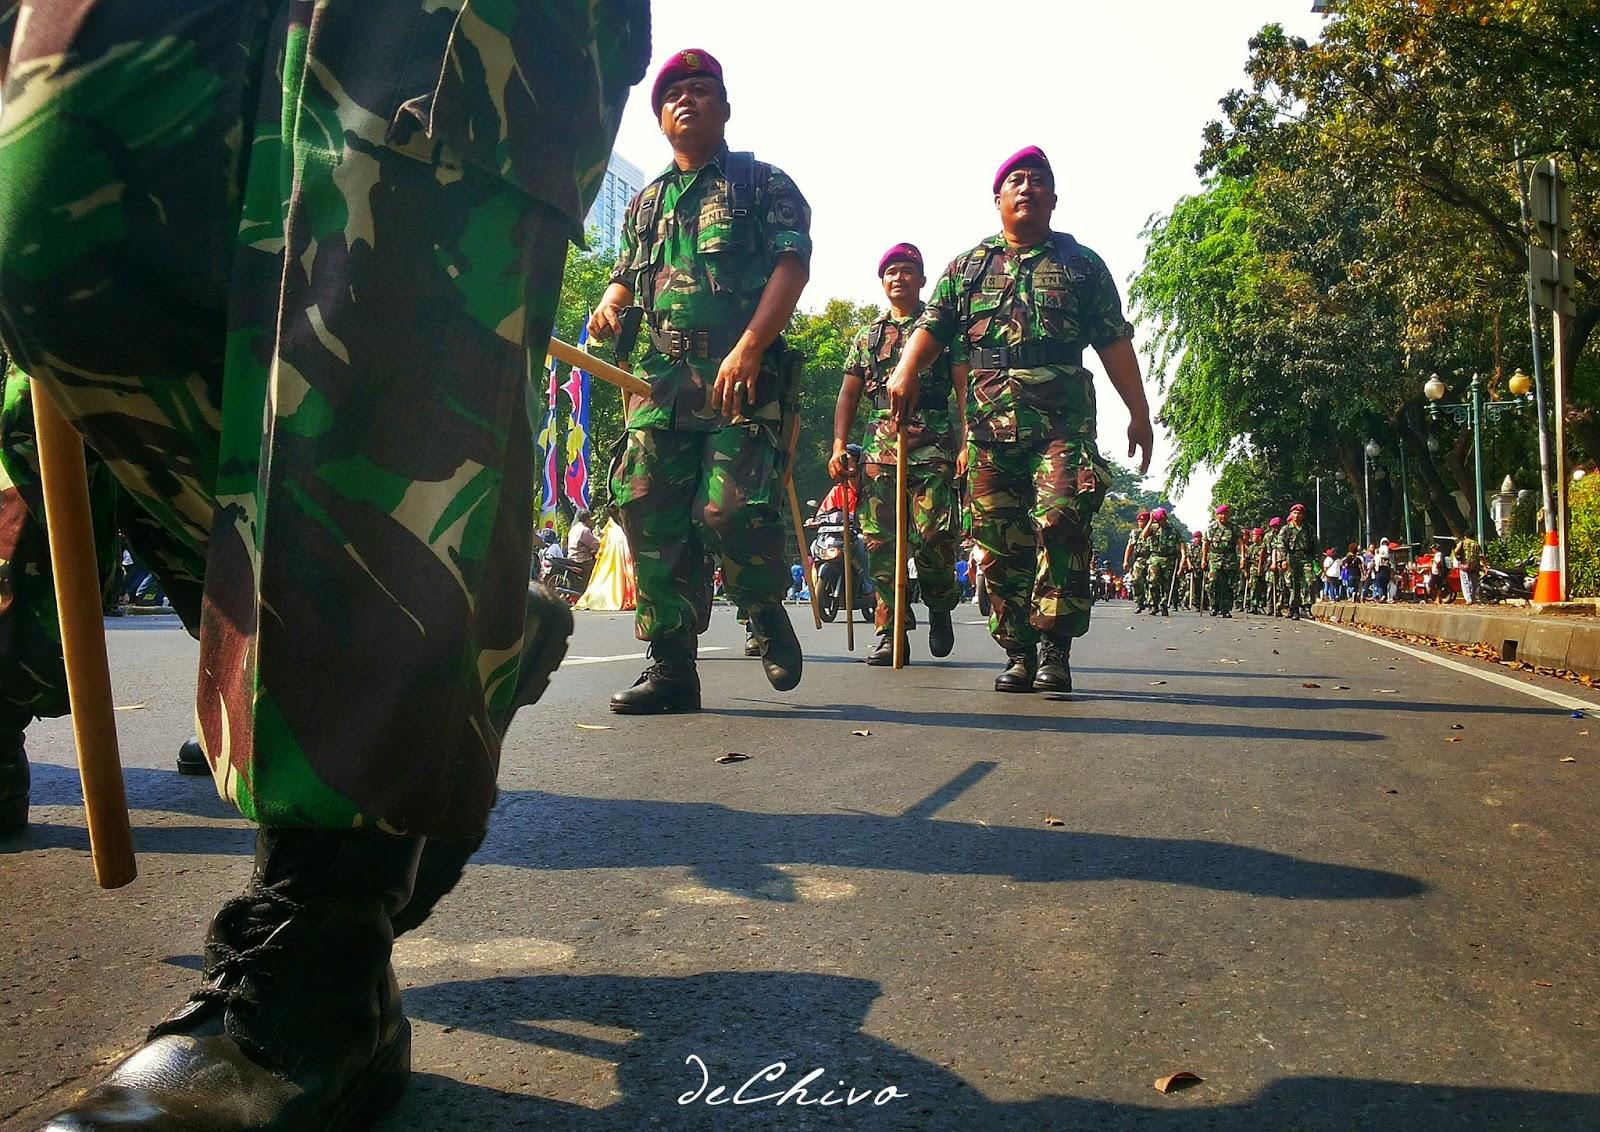 Pasukan Marinir di Medan Merdeka Barat mengamankan Pesta Rakyat Menyambut Presiden baru